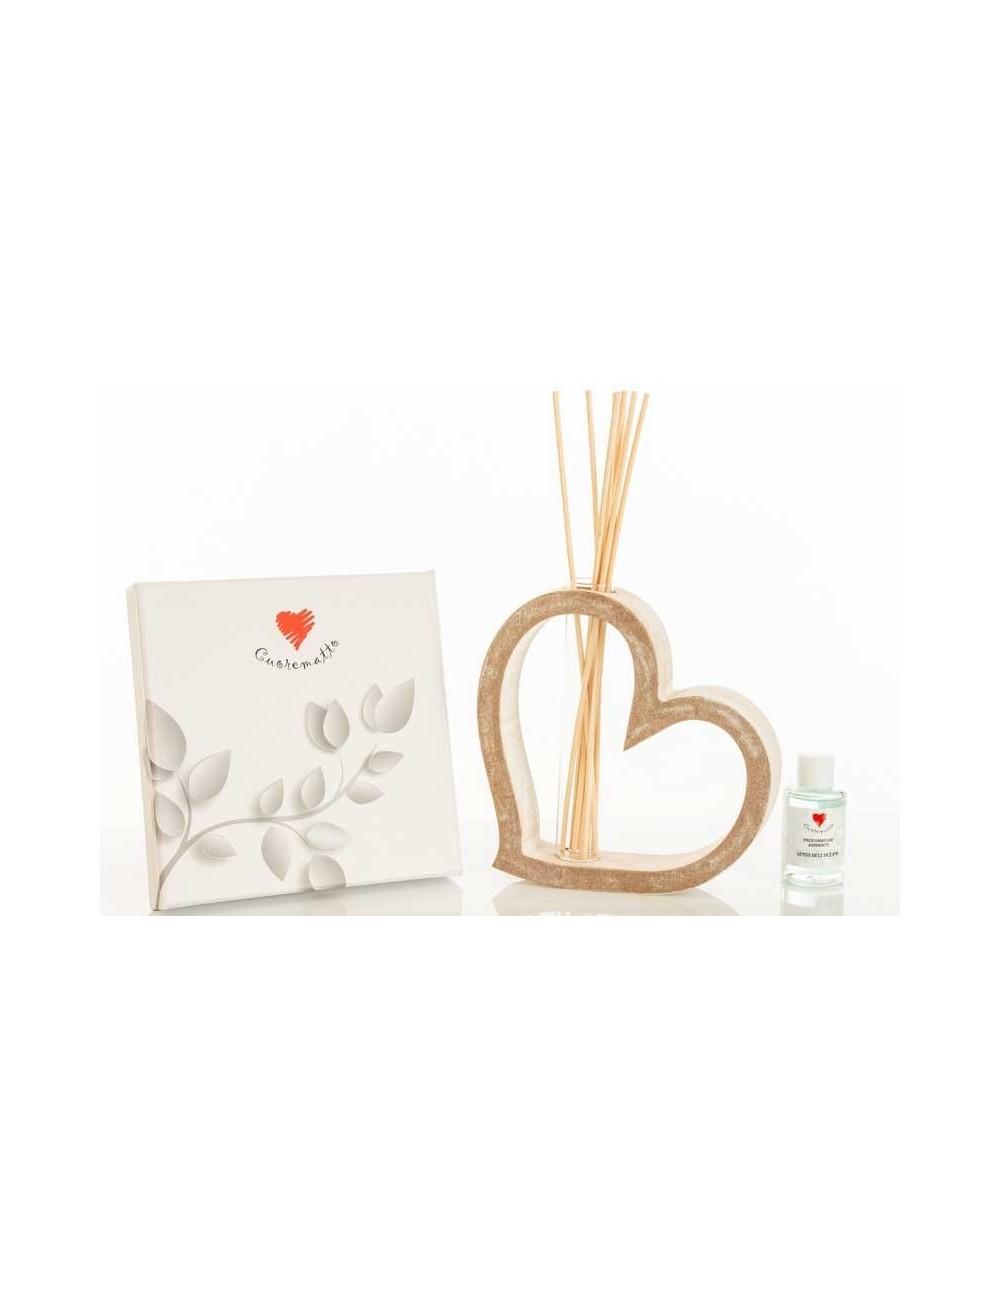 Profumatore cuore in legno con decoro paesaggio D5916 D5915 Casette ed Alberi Cuorematto Wonderlandstore